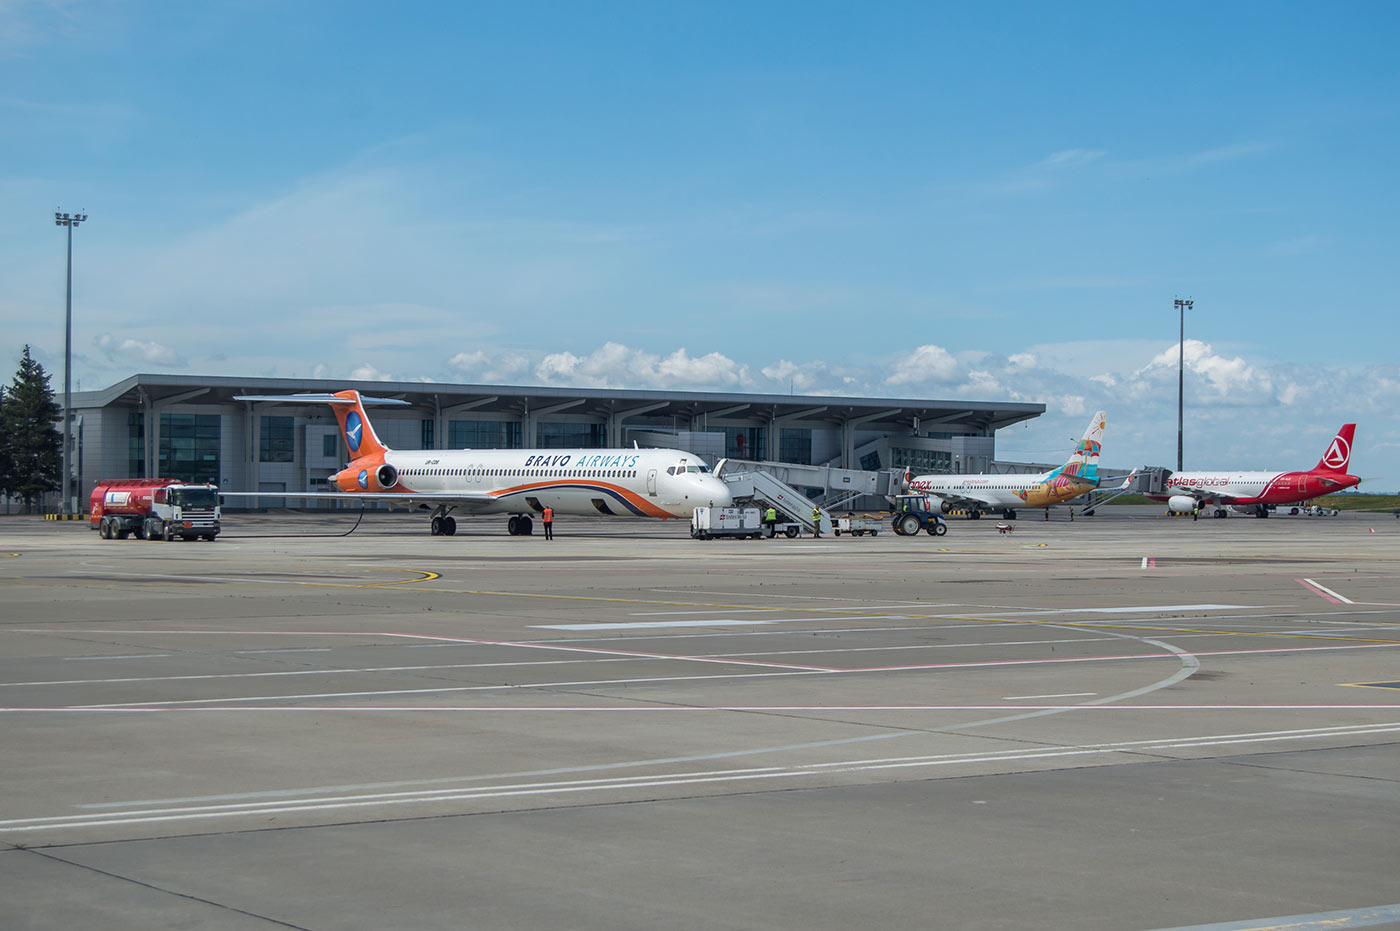 Аэропорт Харьков по итогам года перевезет 950 тысяч пассажиров